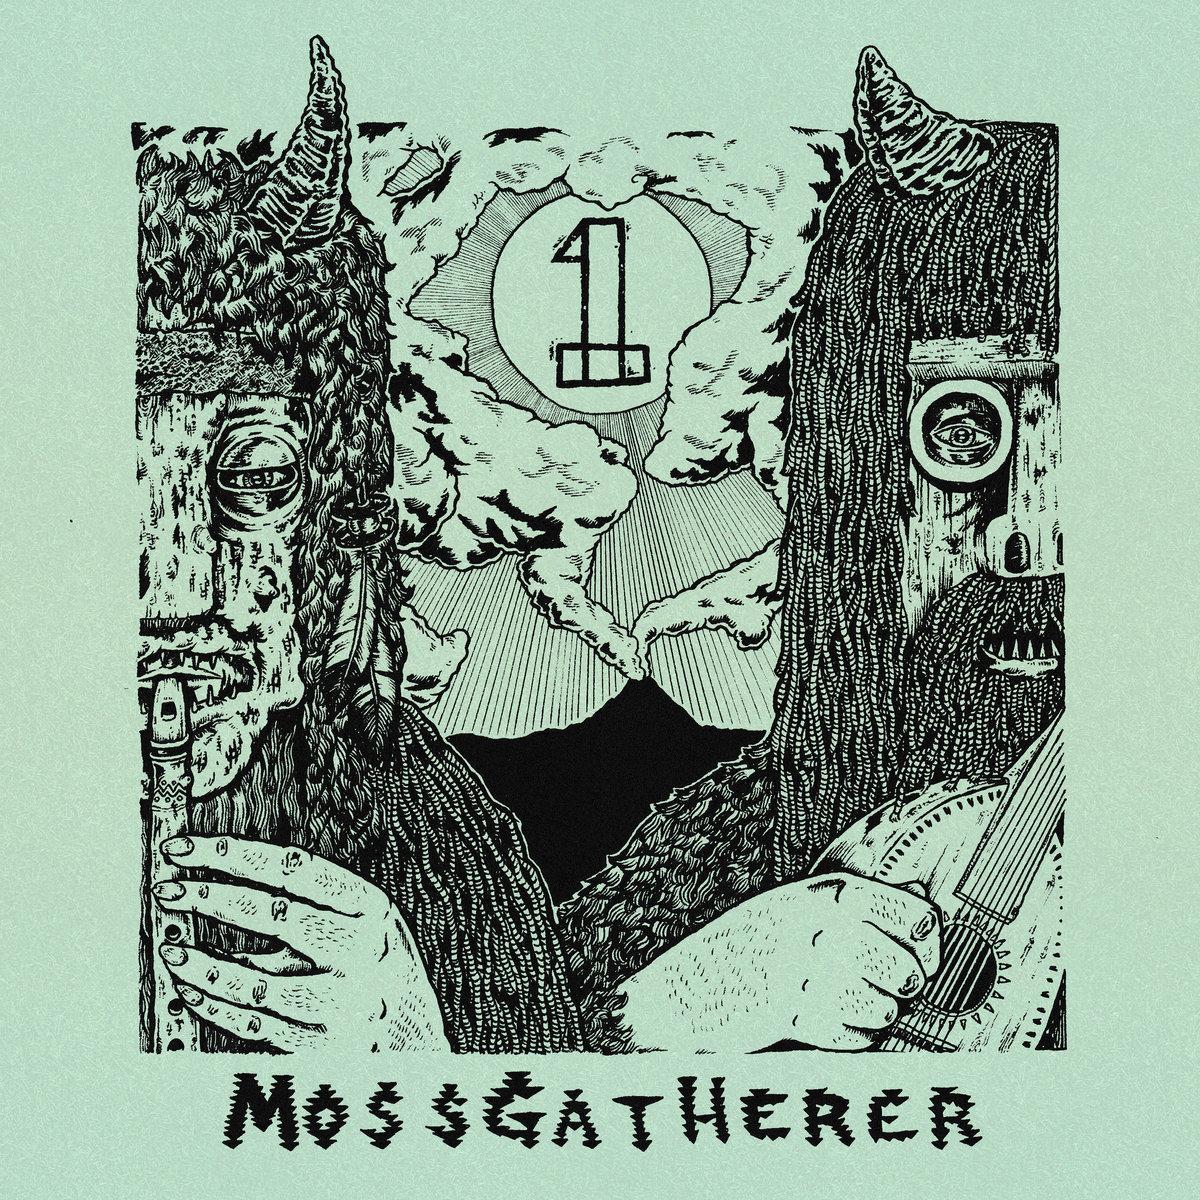 MossGatherer One